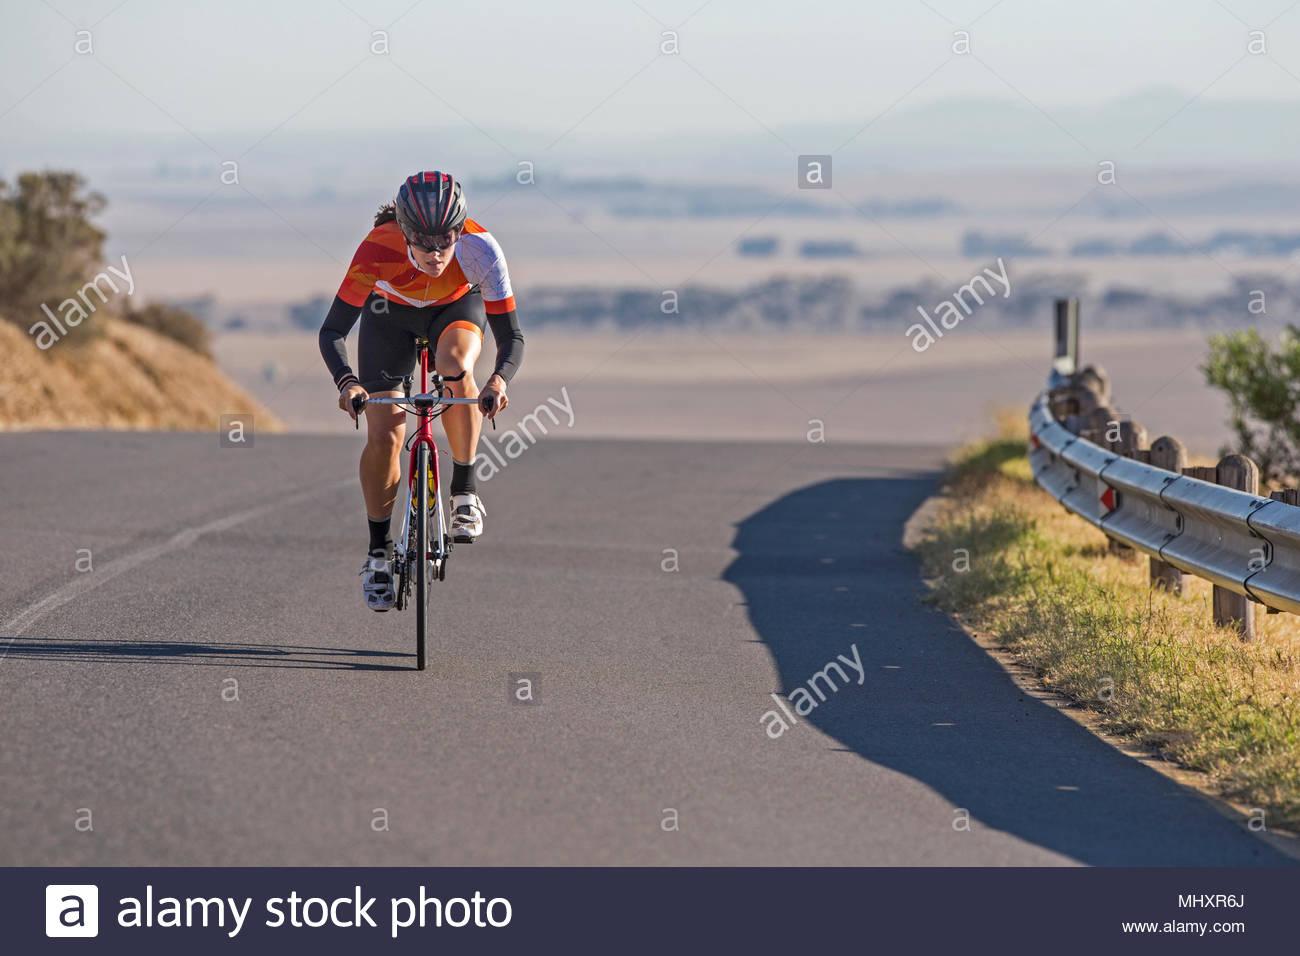 Ciclista femmina equitazione Bicicletta da corsa sulla soleggiata strada aperta Immagini Stock